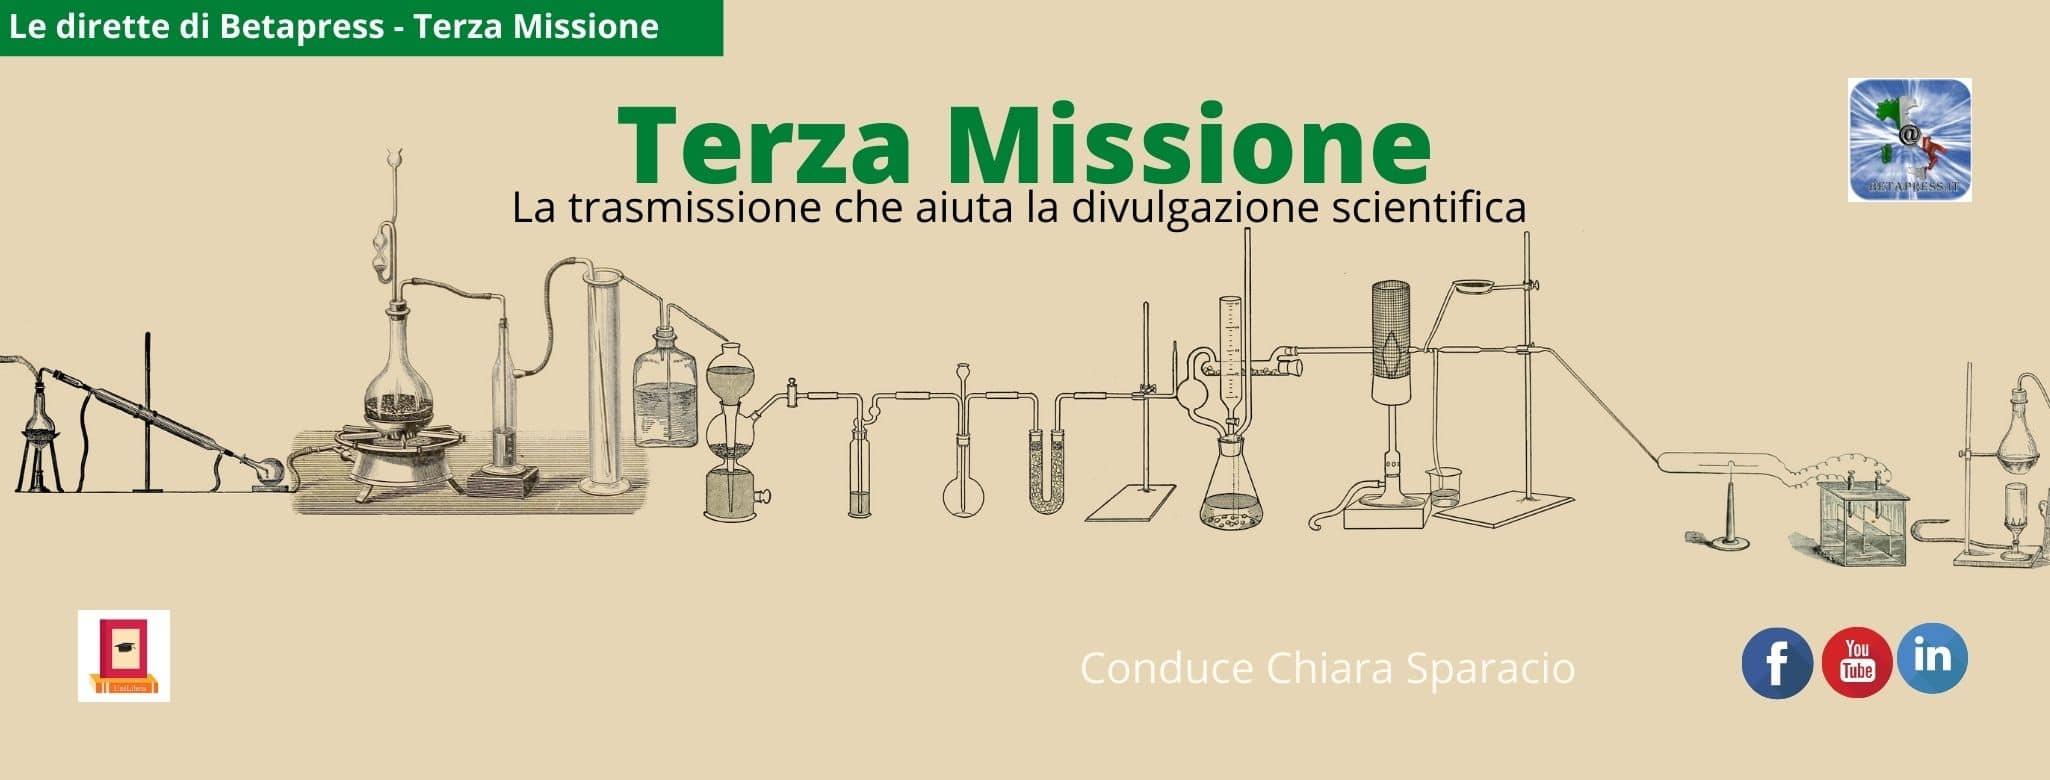 Terza Missione, la nuova trasmissione di Betapress